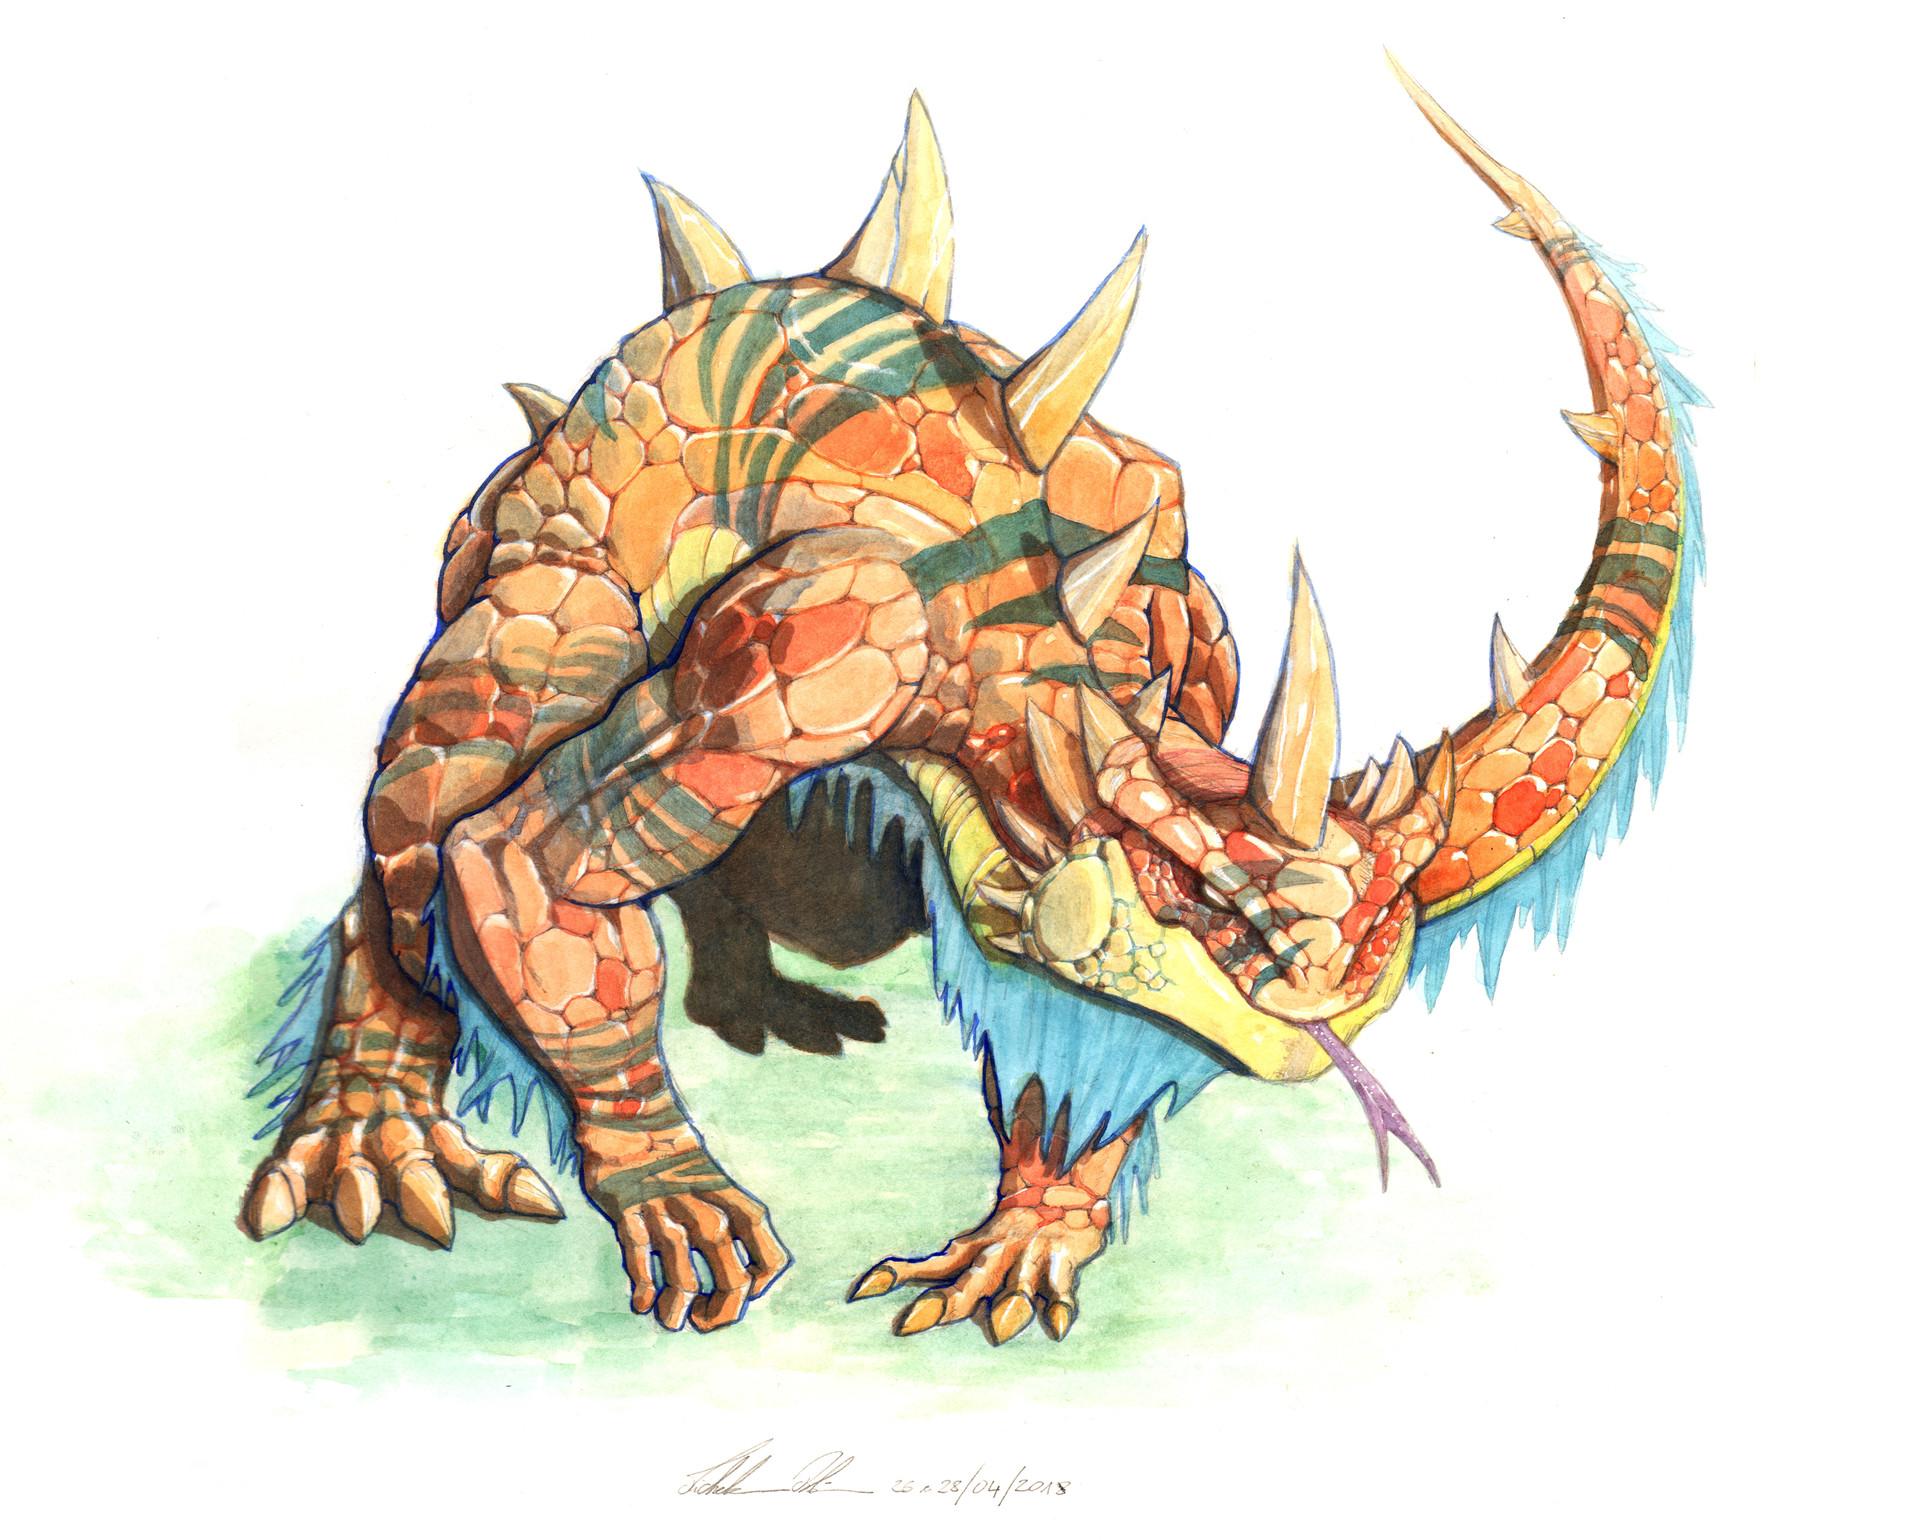 Lizard beast concept